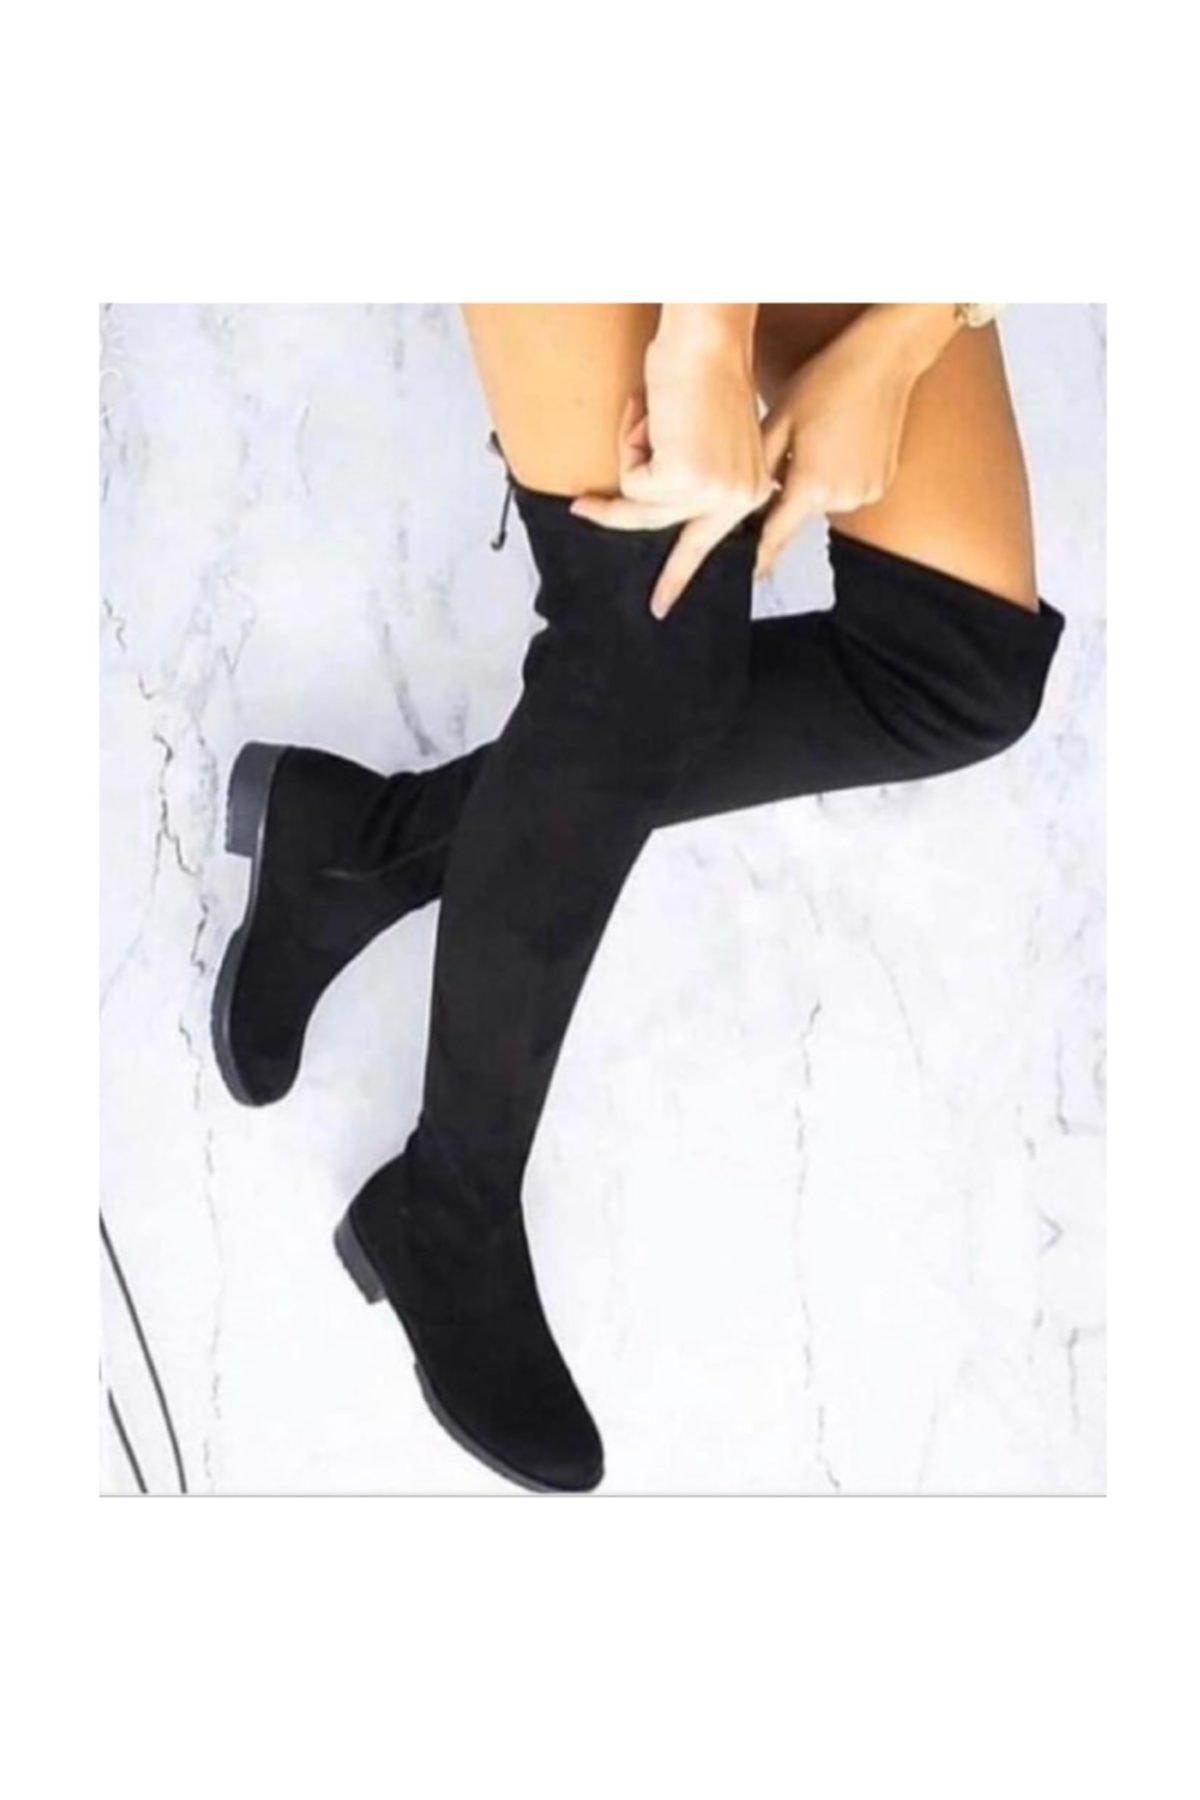 İmerShoes Siyah Kadın Streç Çorap Fermuarlı Çizme Bayan Bot 1